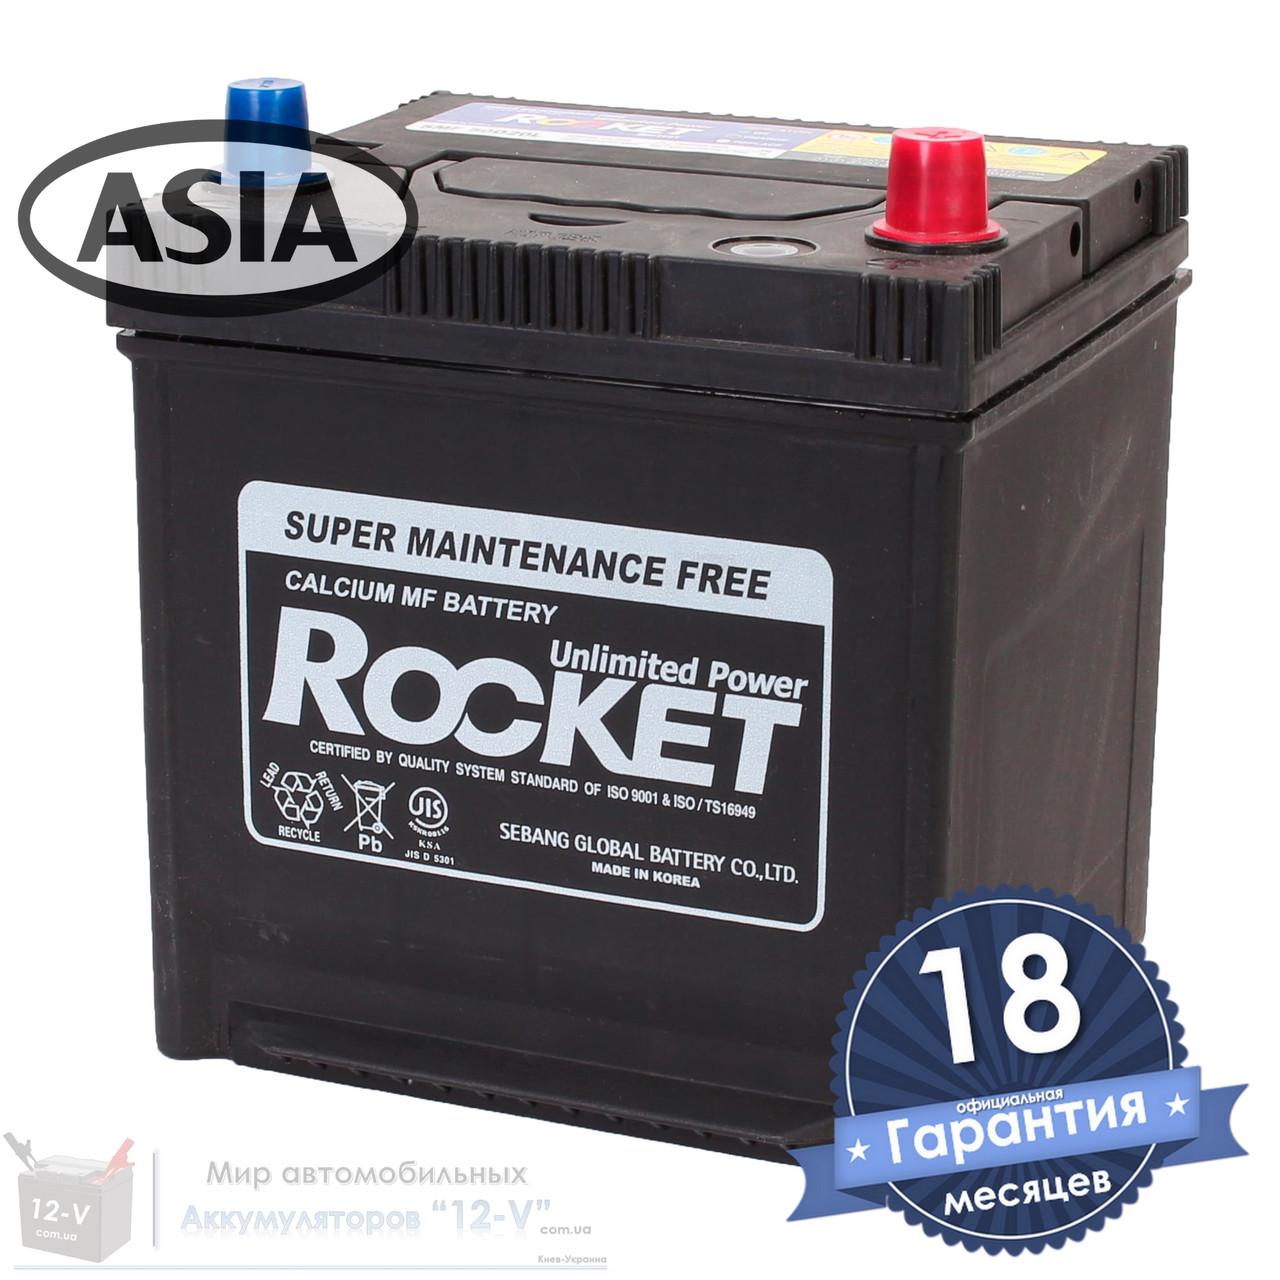 Аккумулятор автомобильный ROCKET 6CT 50Ah ASIA, пусковой ток 580А [–|+] (50D20L)